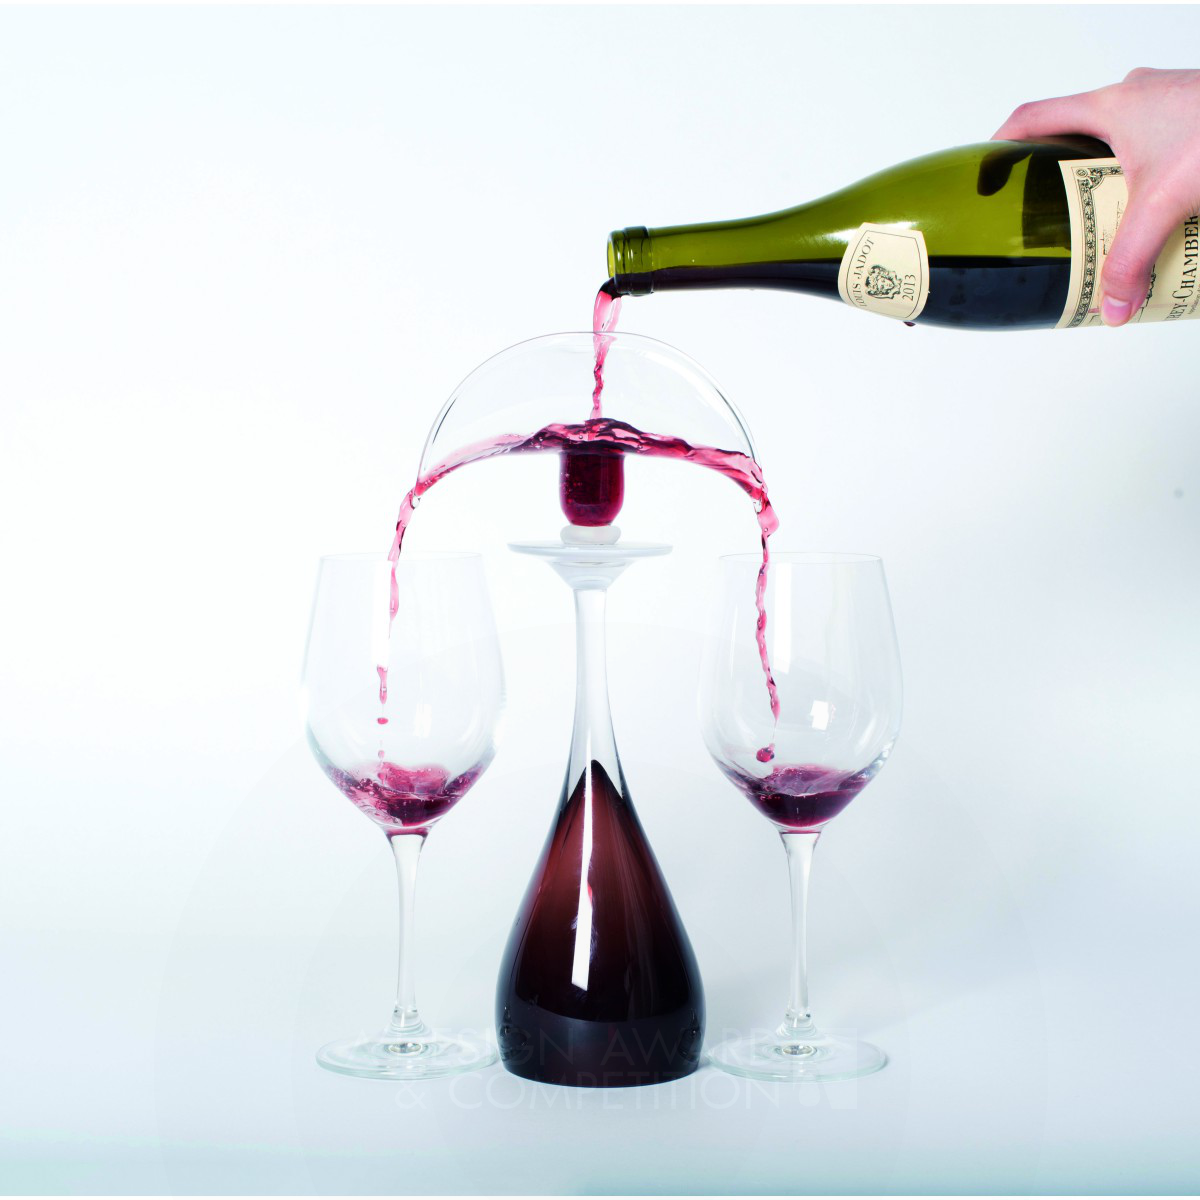 Fountainia Divide wine into two wine glasses